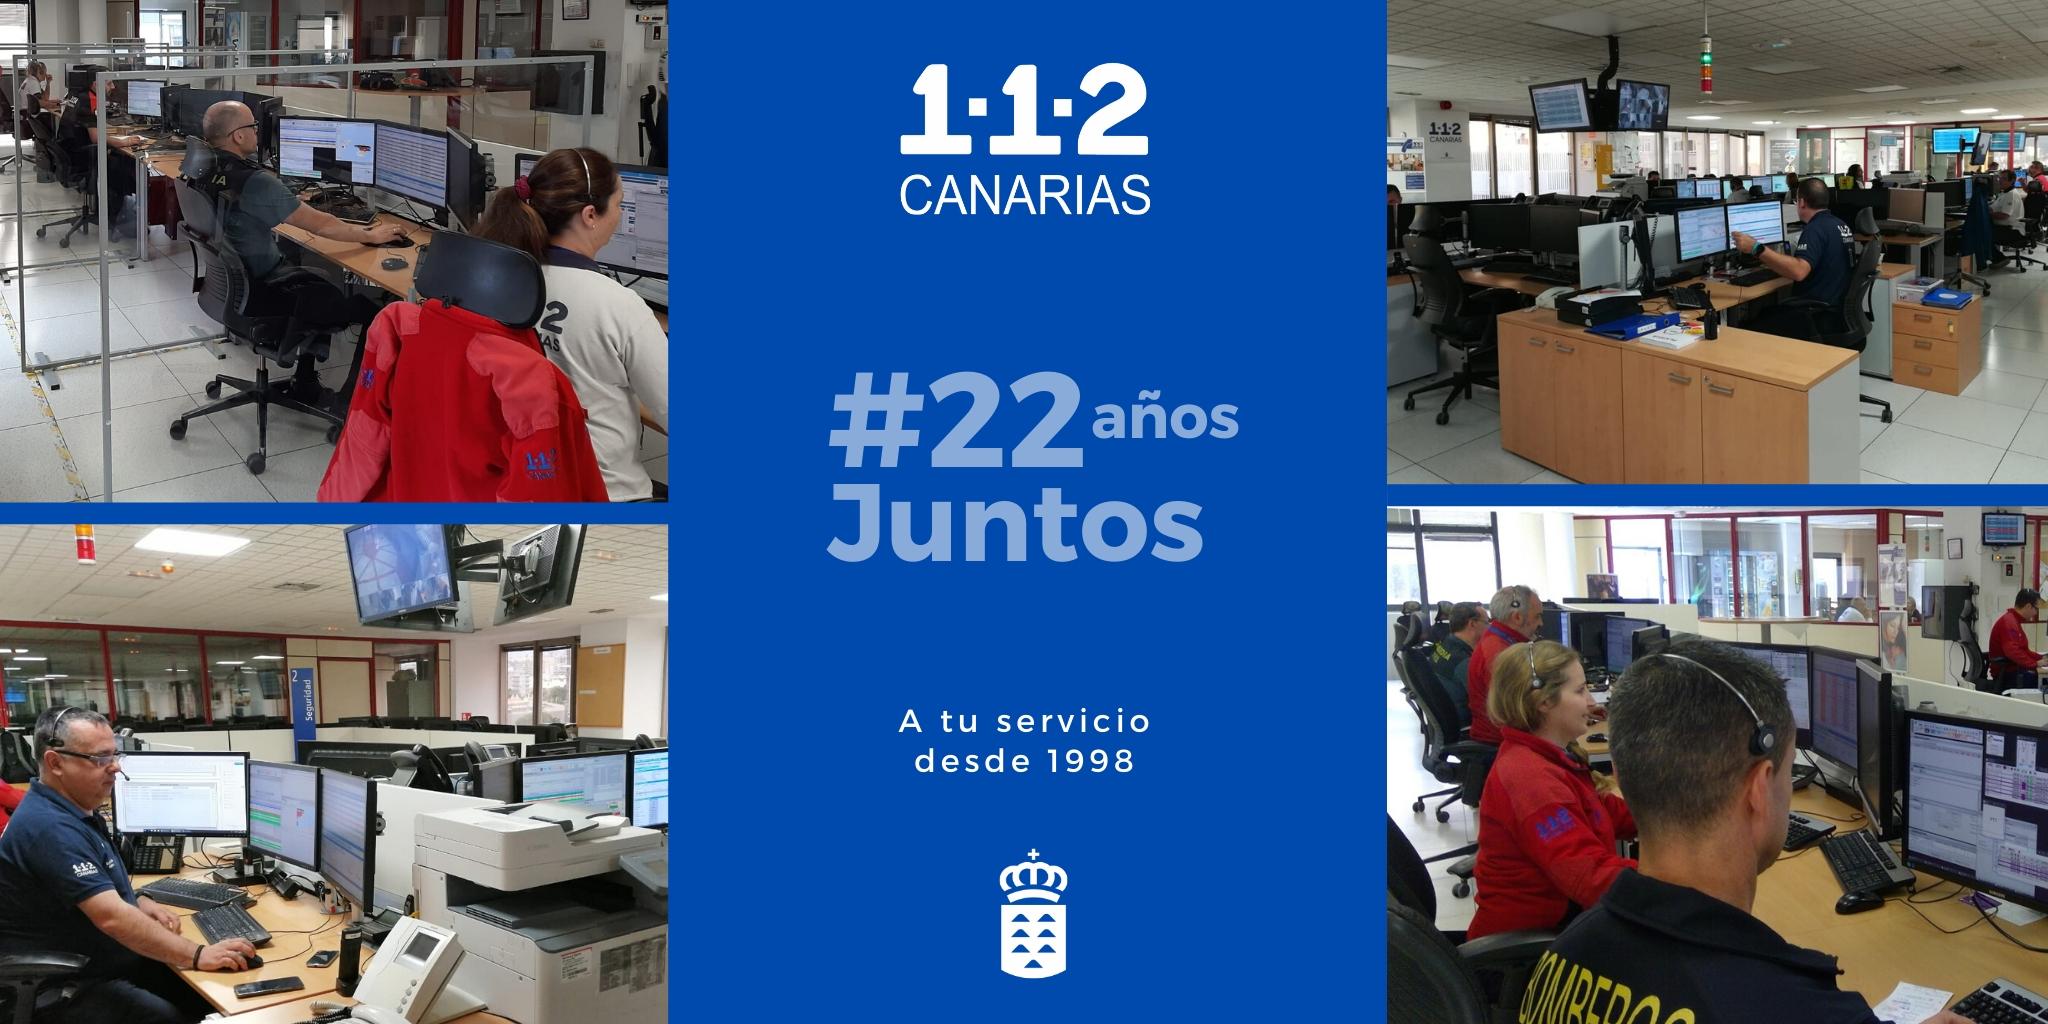 22 Aniversario 1-1-2 Canarias